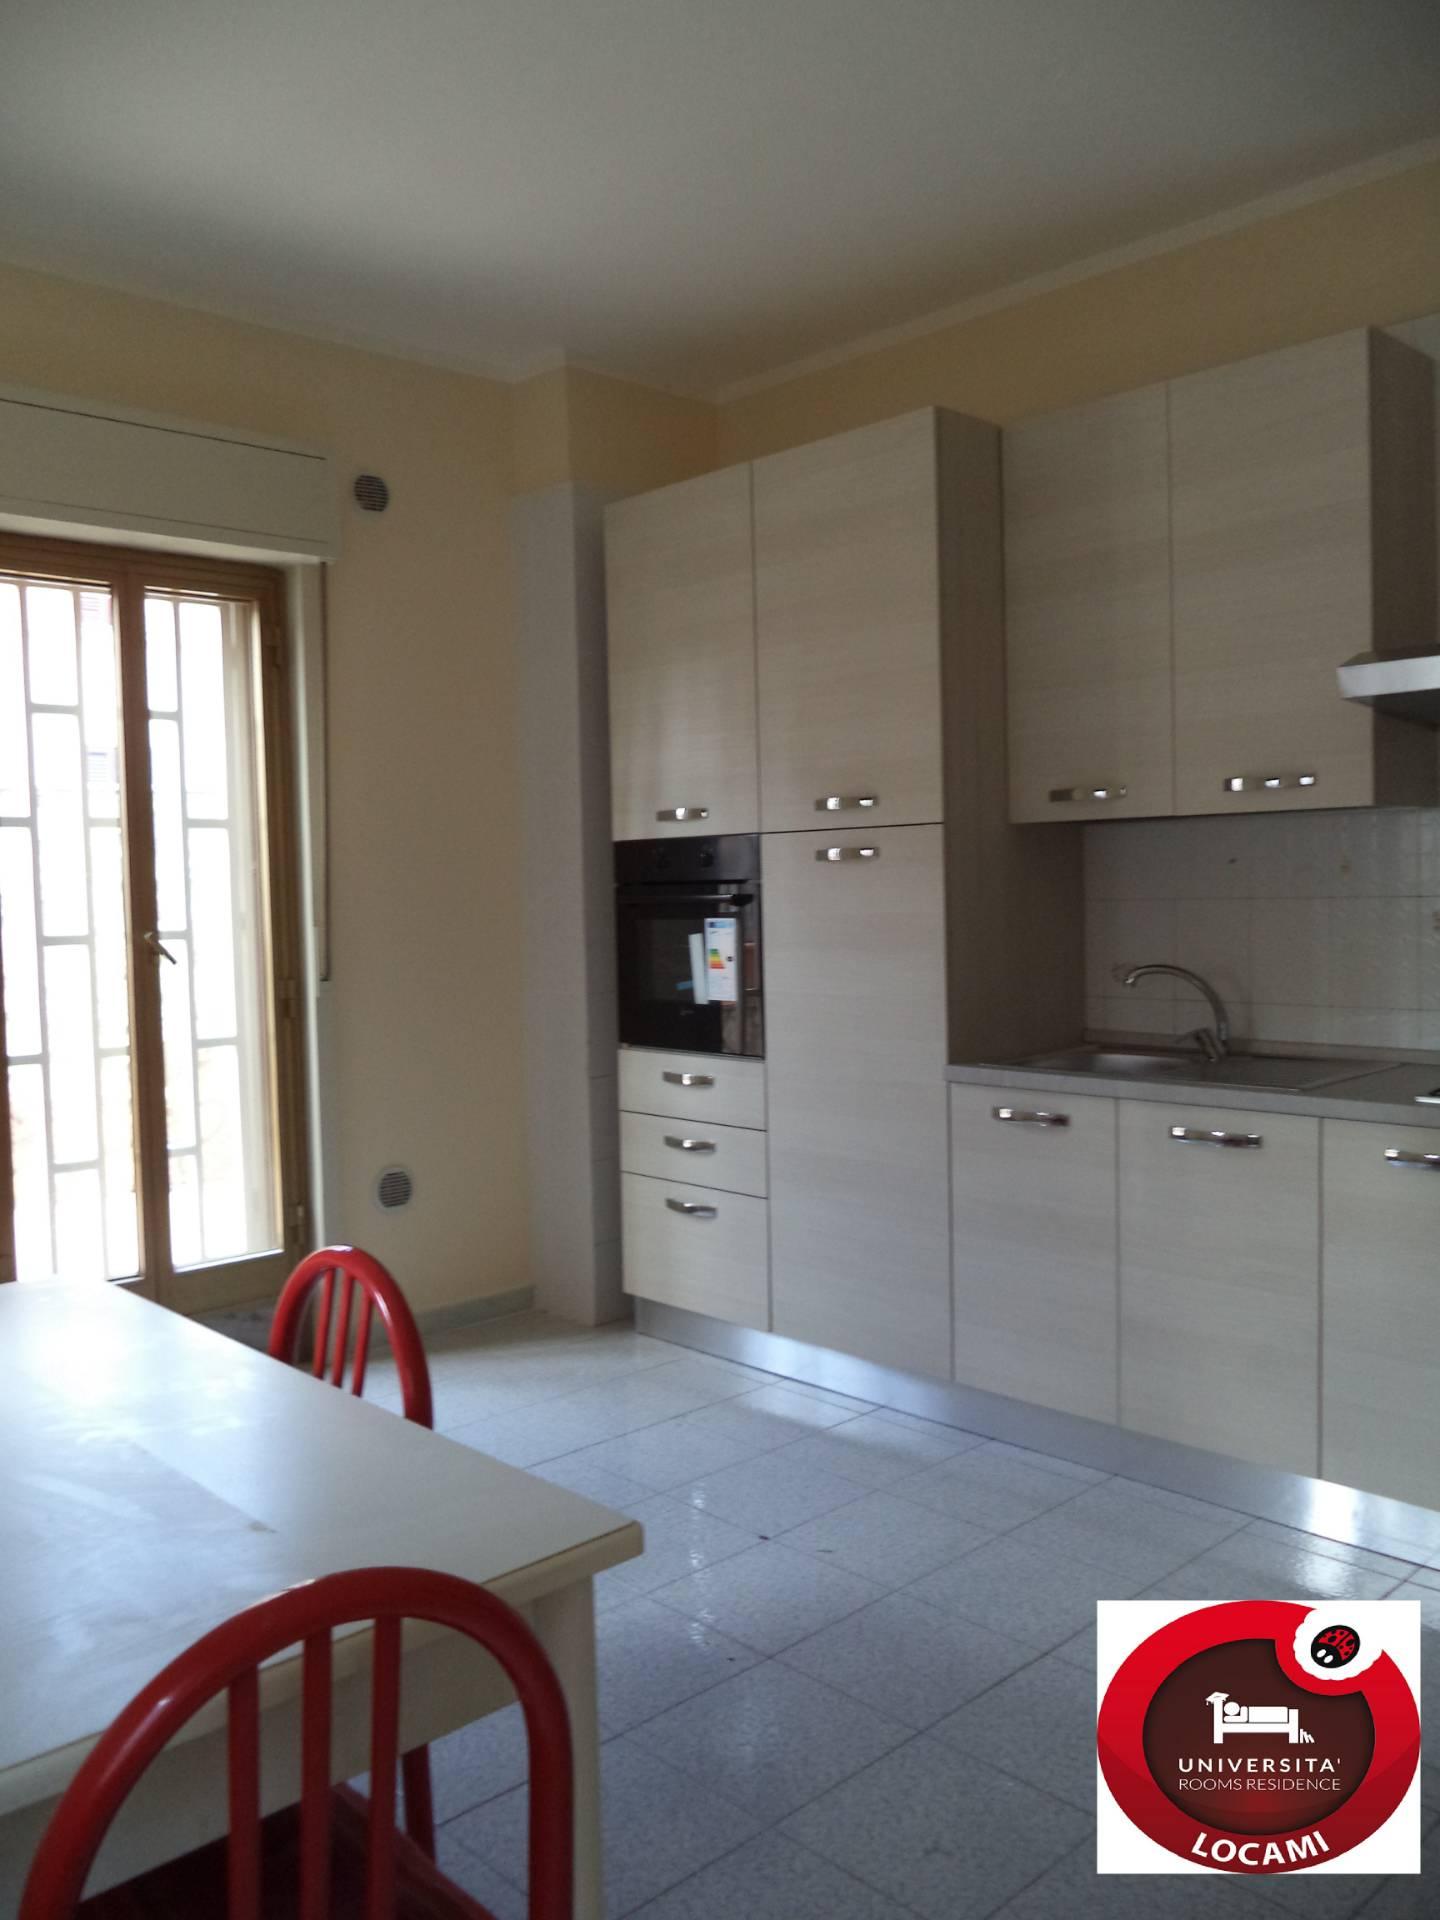 Appartamento in affitto a Palermo, 7 locali, zona Località: CorsoTukory, prezzo € 800   CambioCasa.it